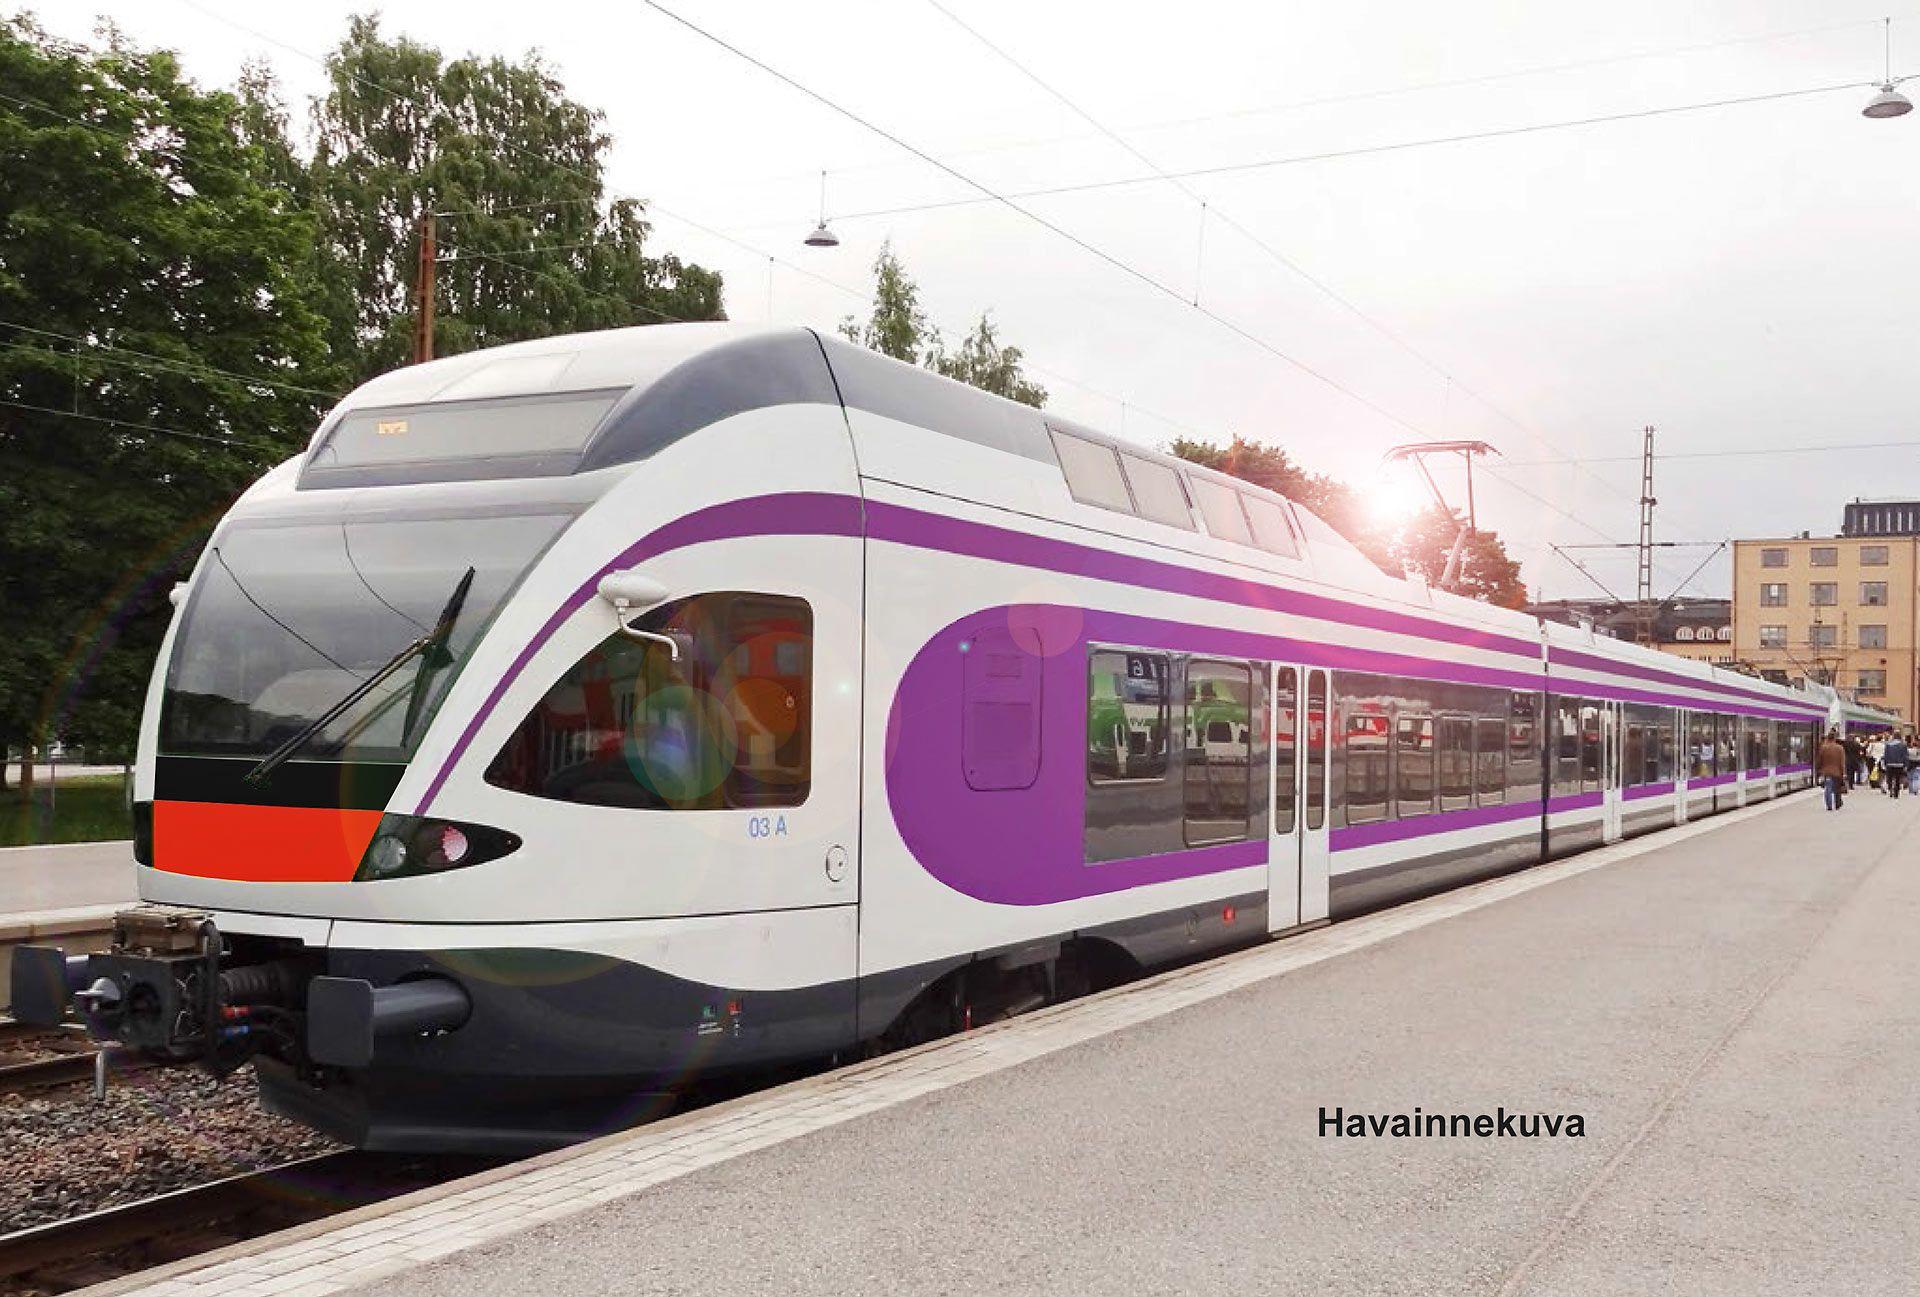 Helsinki Finland; the new metropolitan train style is PURPLE. Pääkaupunkiseudun lähijunat muuttuvat lähivuosina violeteiksi j ja pysyvät violetteina, vaikka niitä tulisi ajamaan joku muu kuin VR.